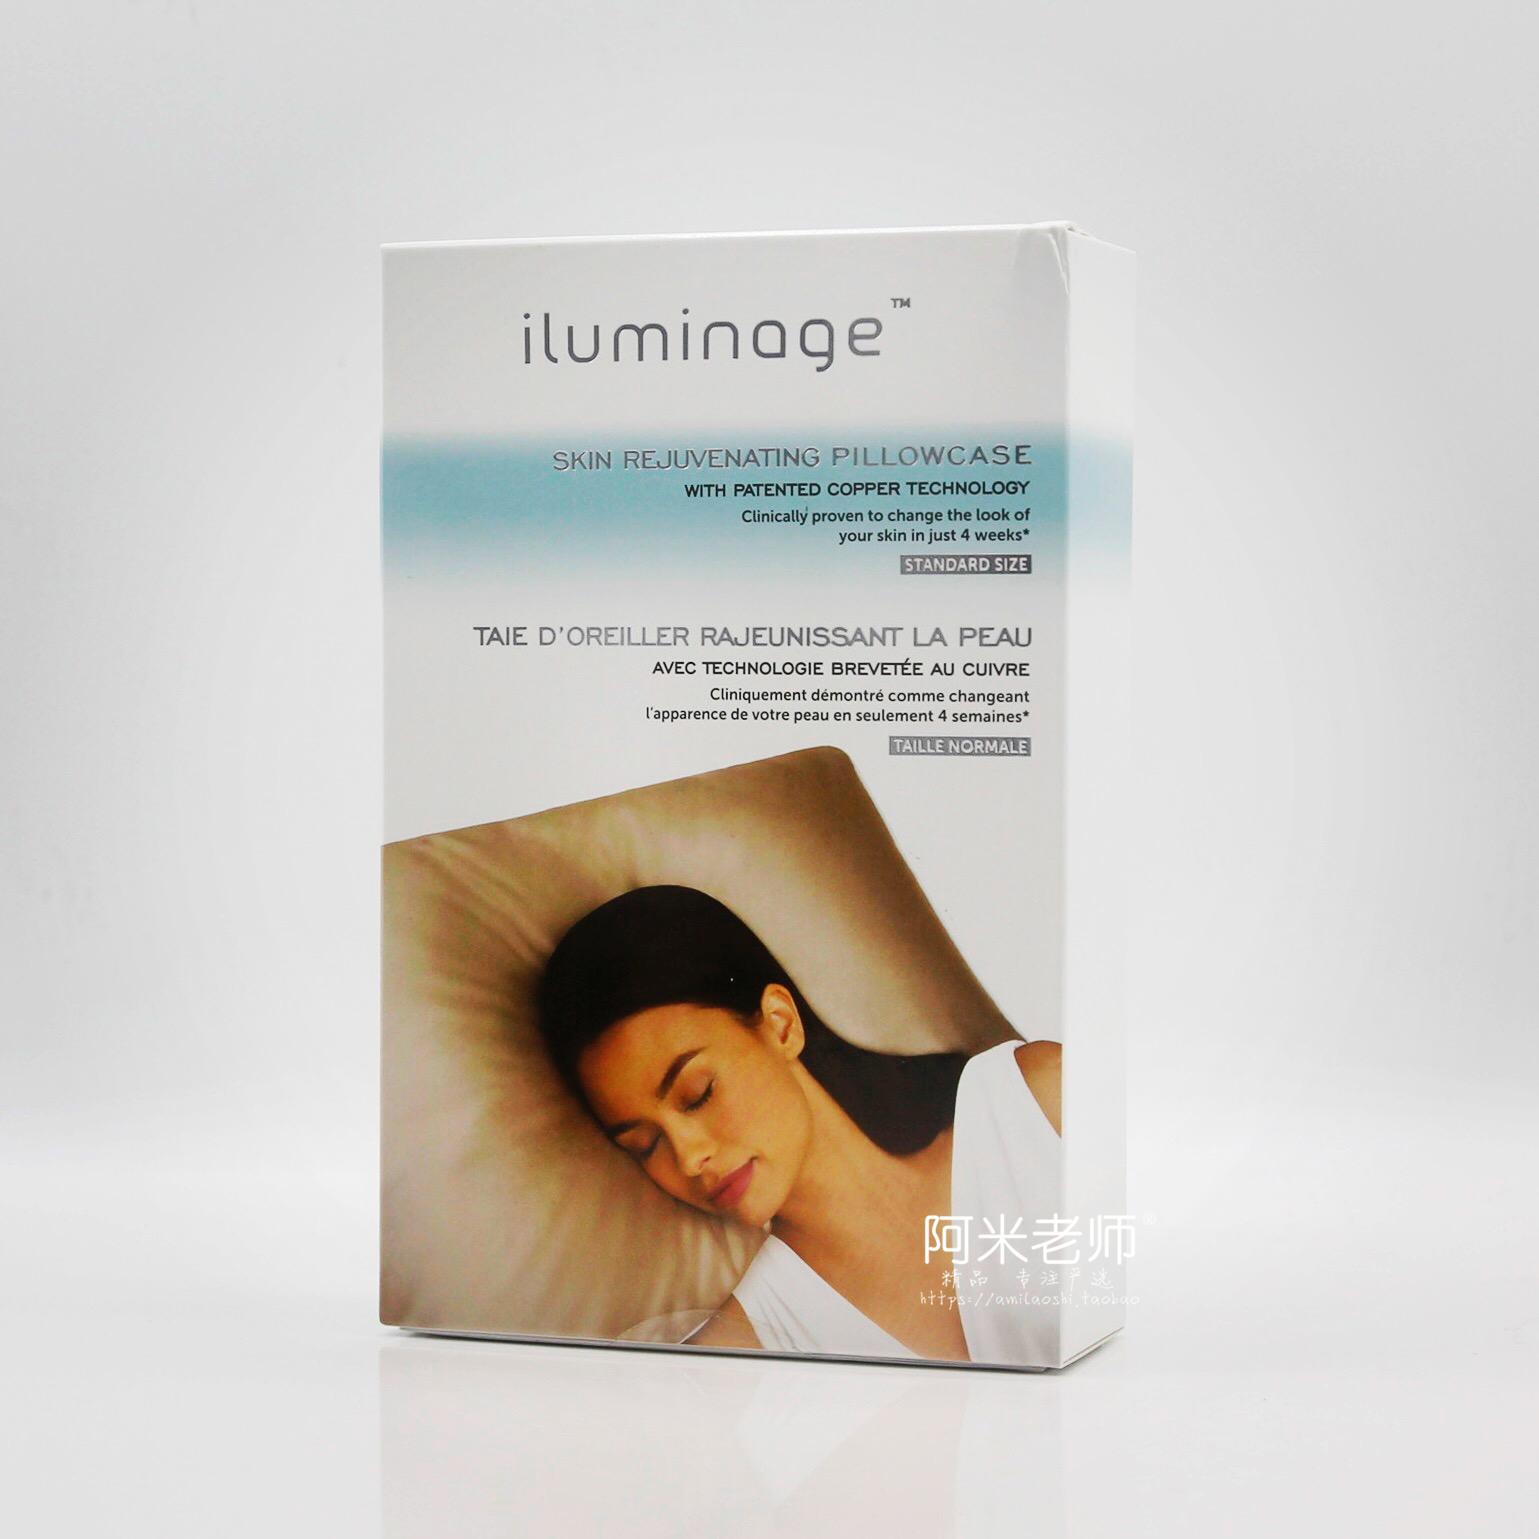 Iluminage медь ион удобный сон косметология подушка наборы меньше тонкие линии морщина зерна морщина косметология наволочка